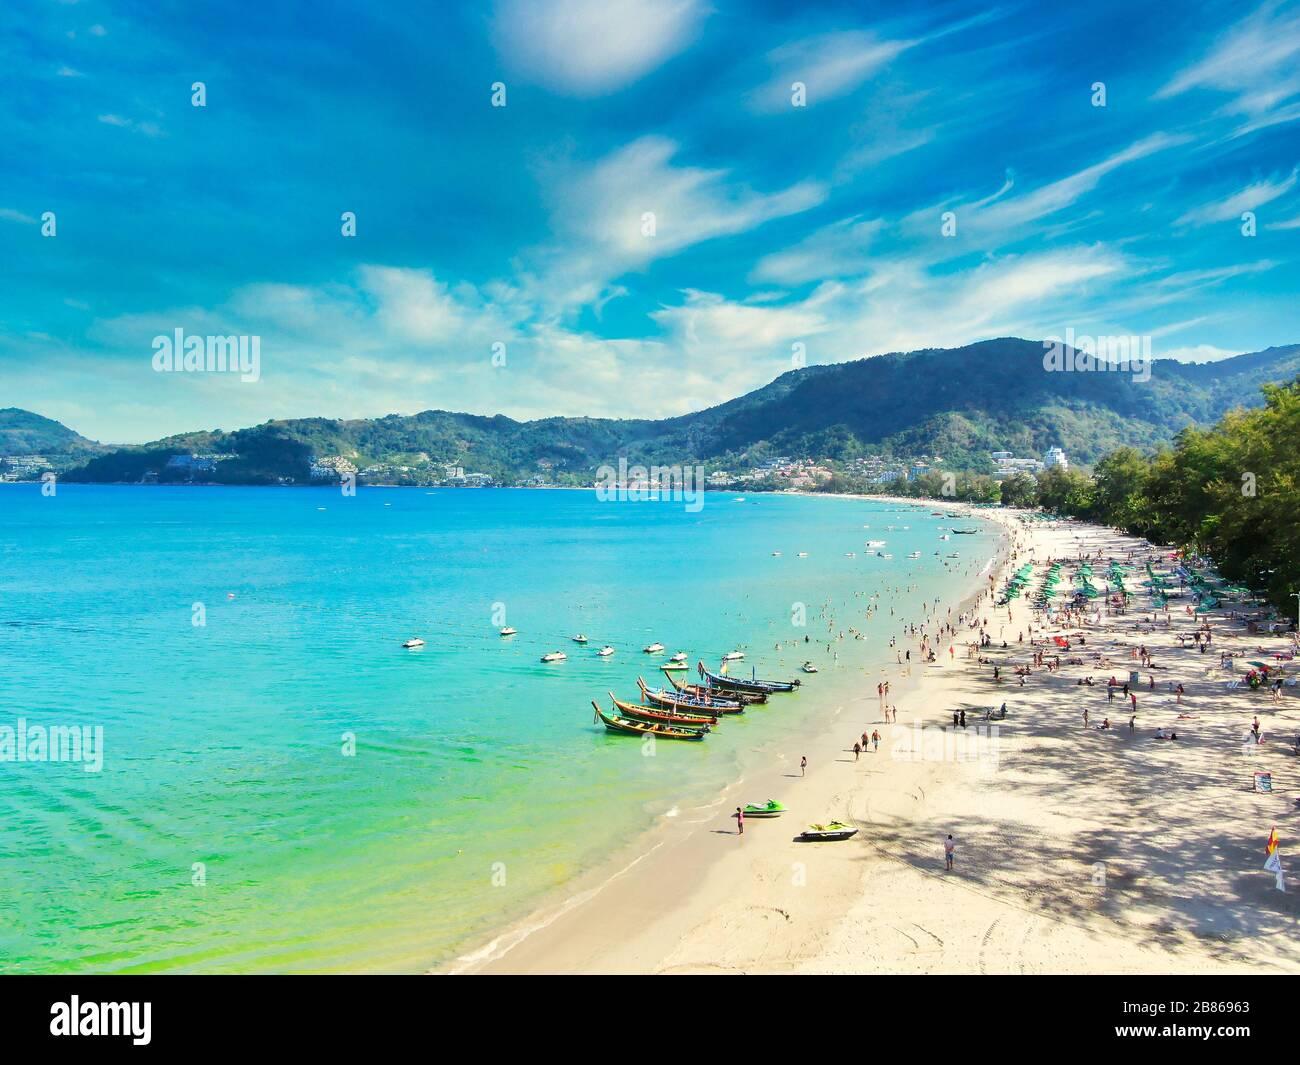 Vista aérea con Drone. Turistas en la playa de Patong en la isla de Phuket, Tailandia. Hermoso paisaje Hat Patong Beach. Foto de stock